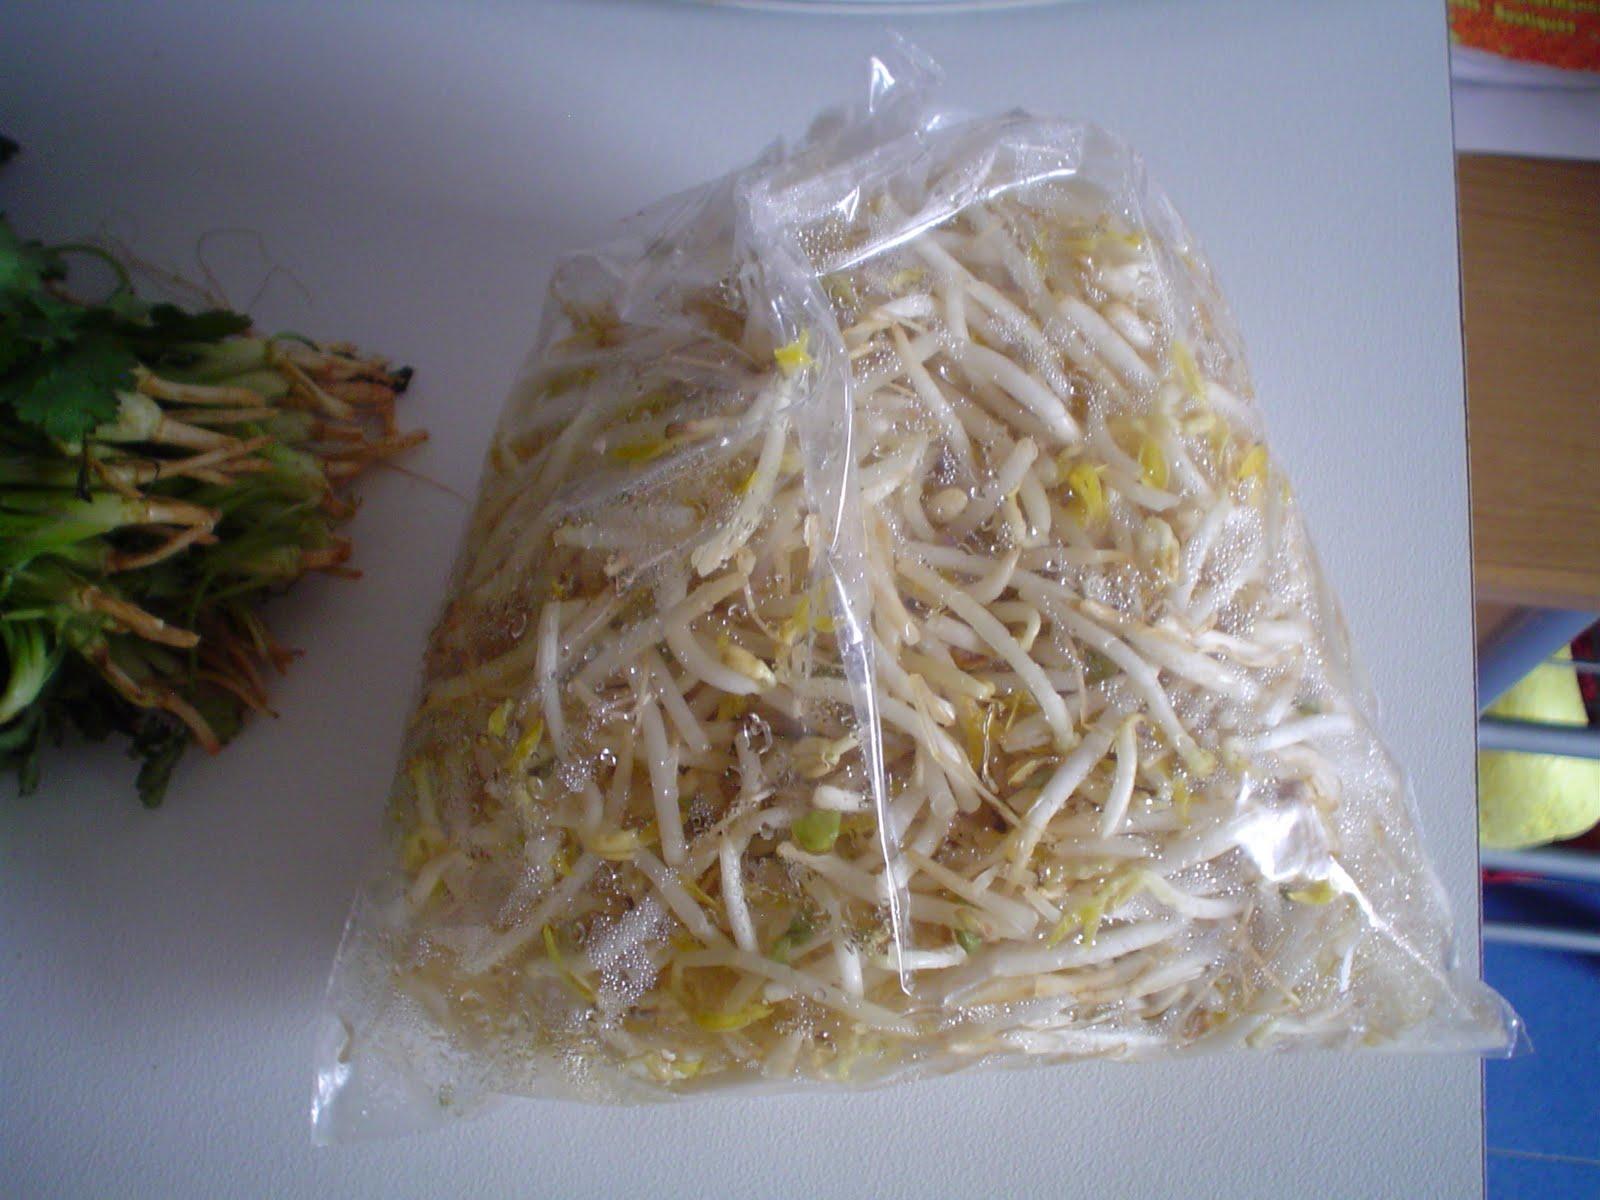 Localizadas trazas de cocaina en diversos productos vegetales comercializados por Alcampo